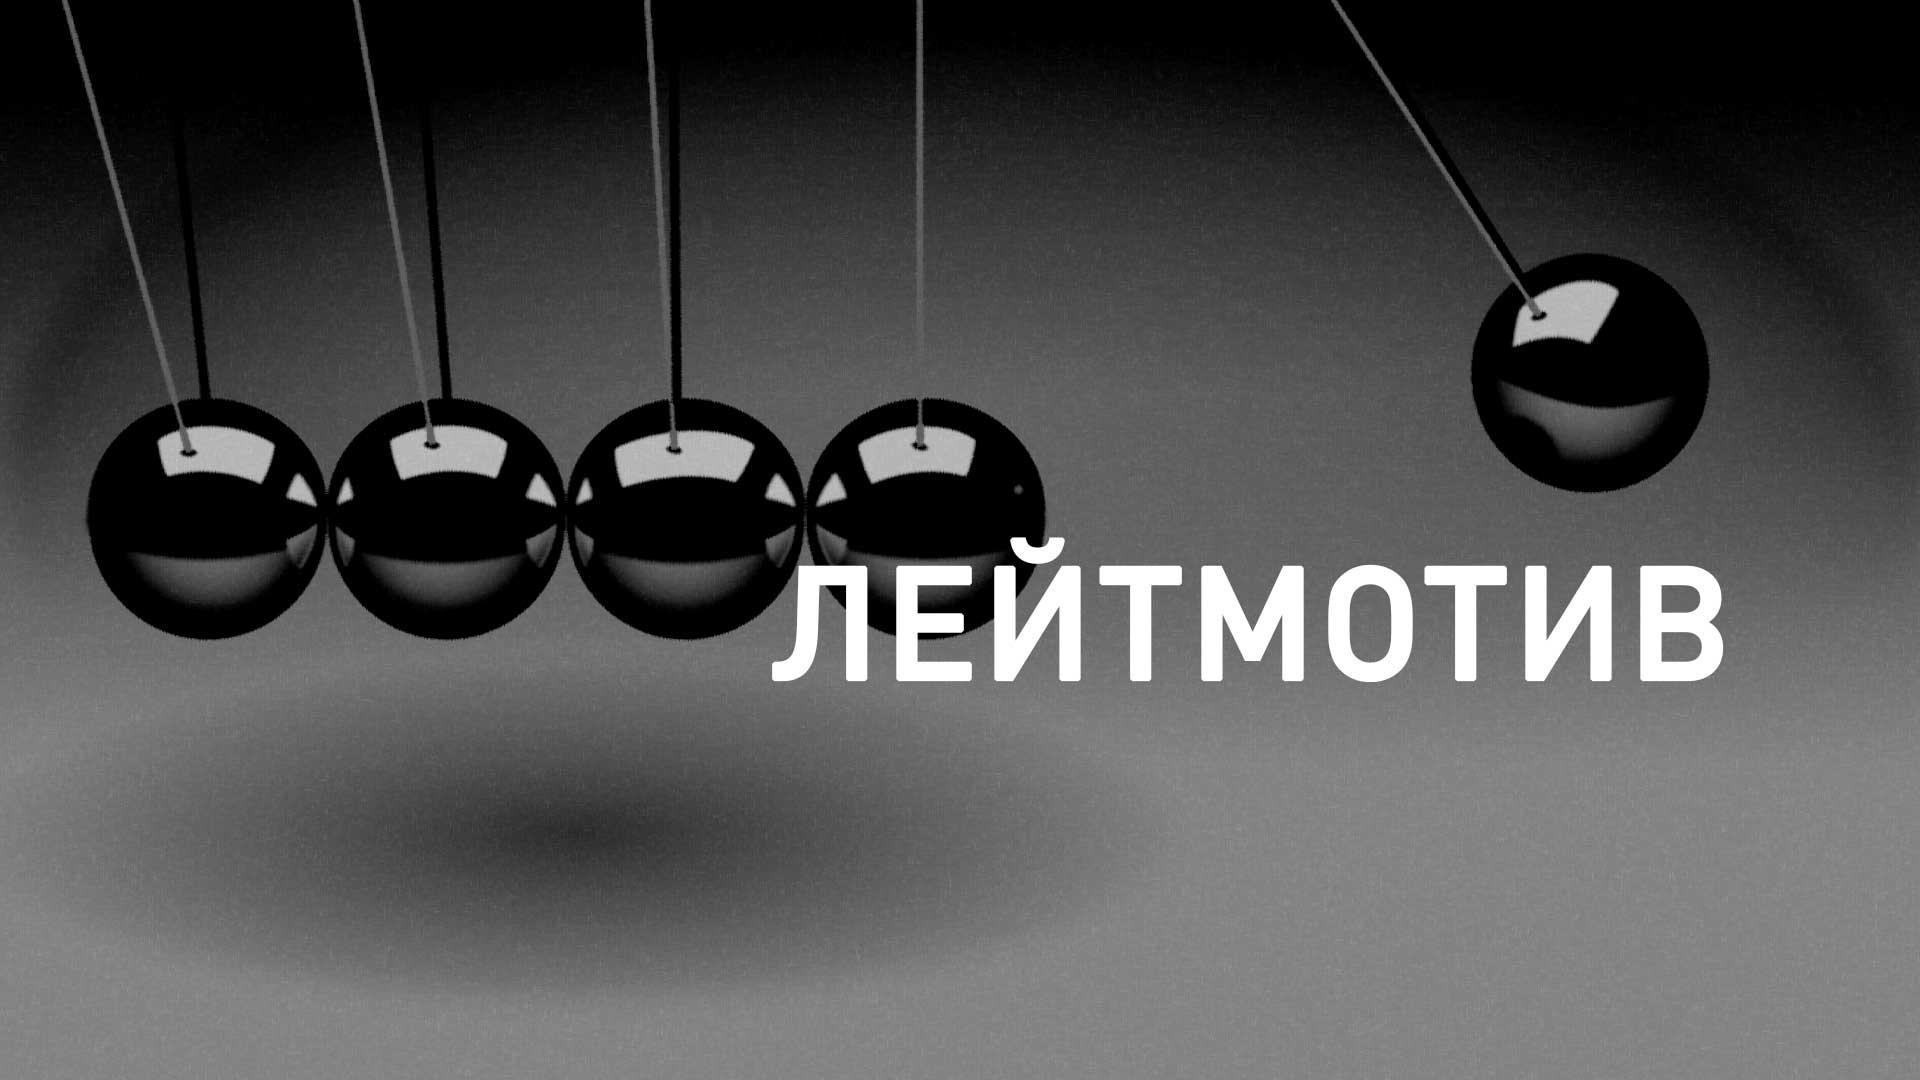 Лейтмотив